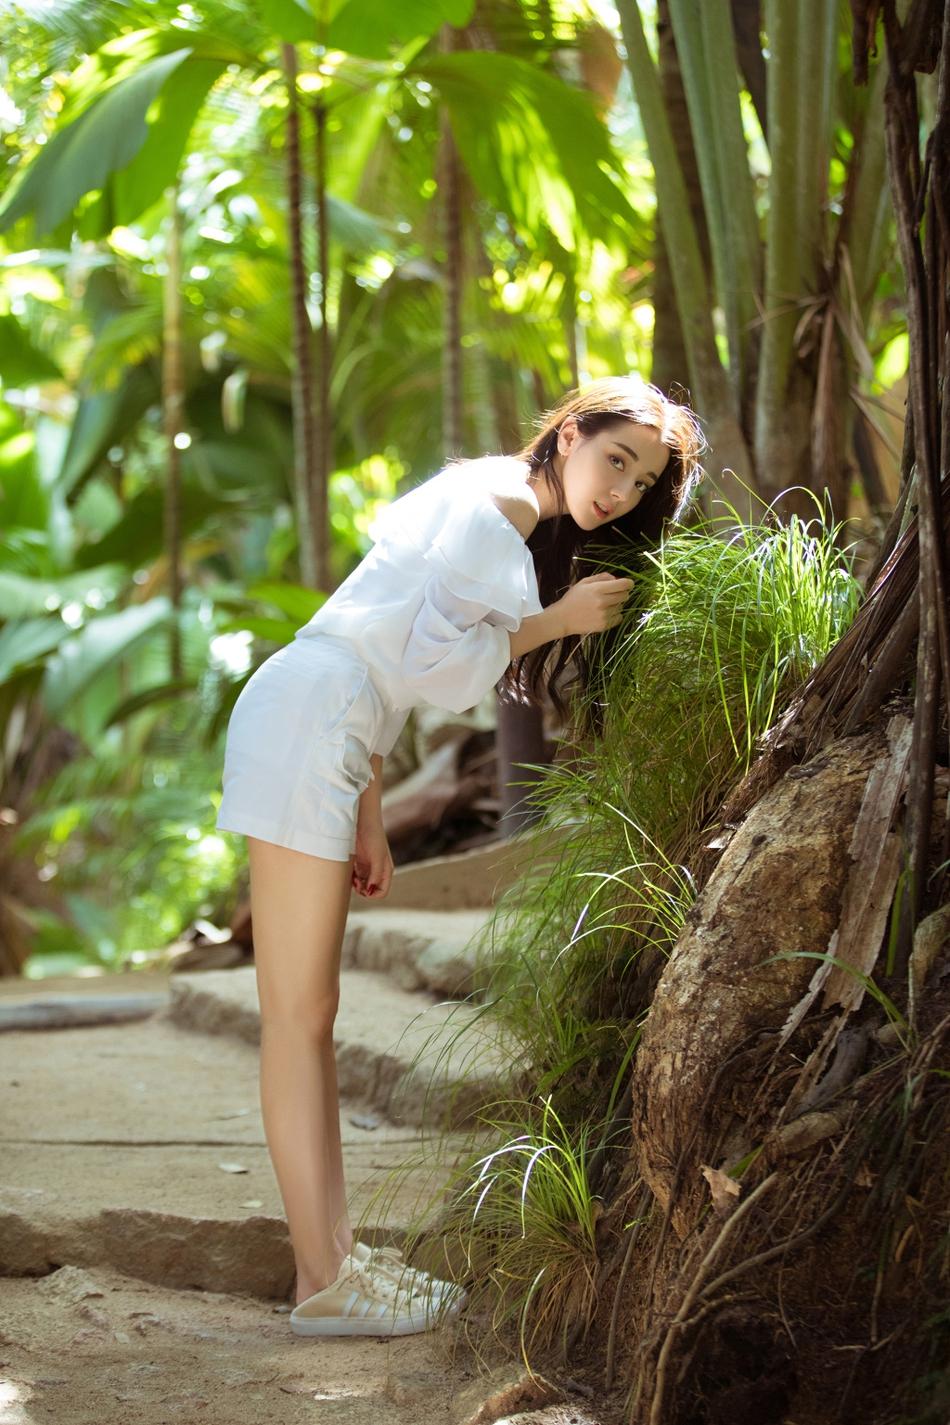 热巴漫步热带雨林 长发飘飘宛若小精灵 风格偶像 图3